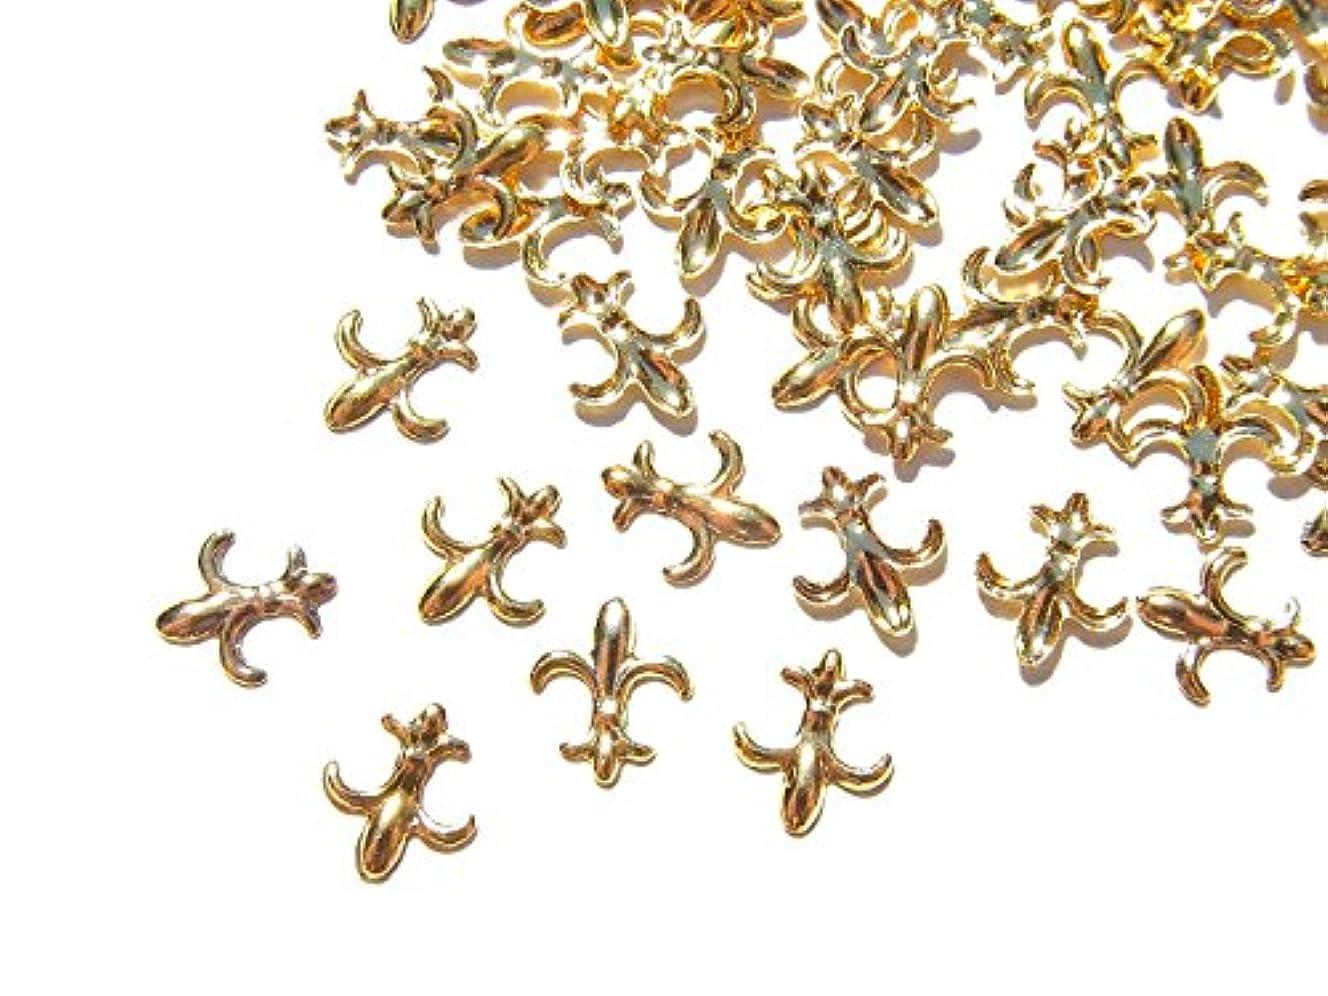 におい民兵【jewel】ゴールド メタルパーツ フレア 10個入り 6mm×5mm 手芸 材料 レジン ネイルアート パーツ 素材